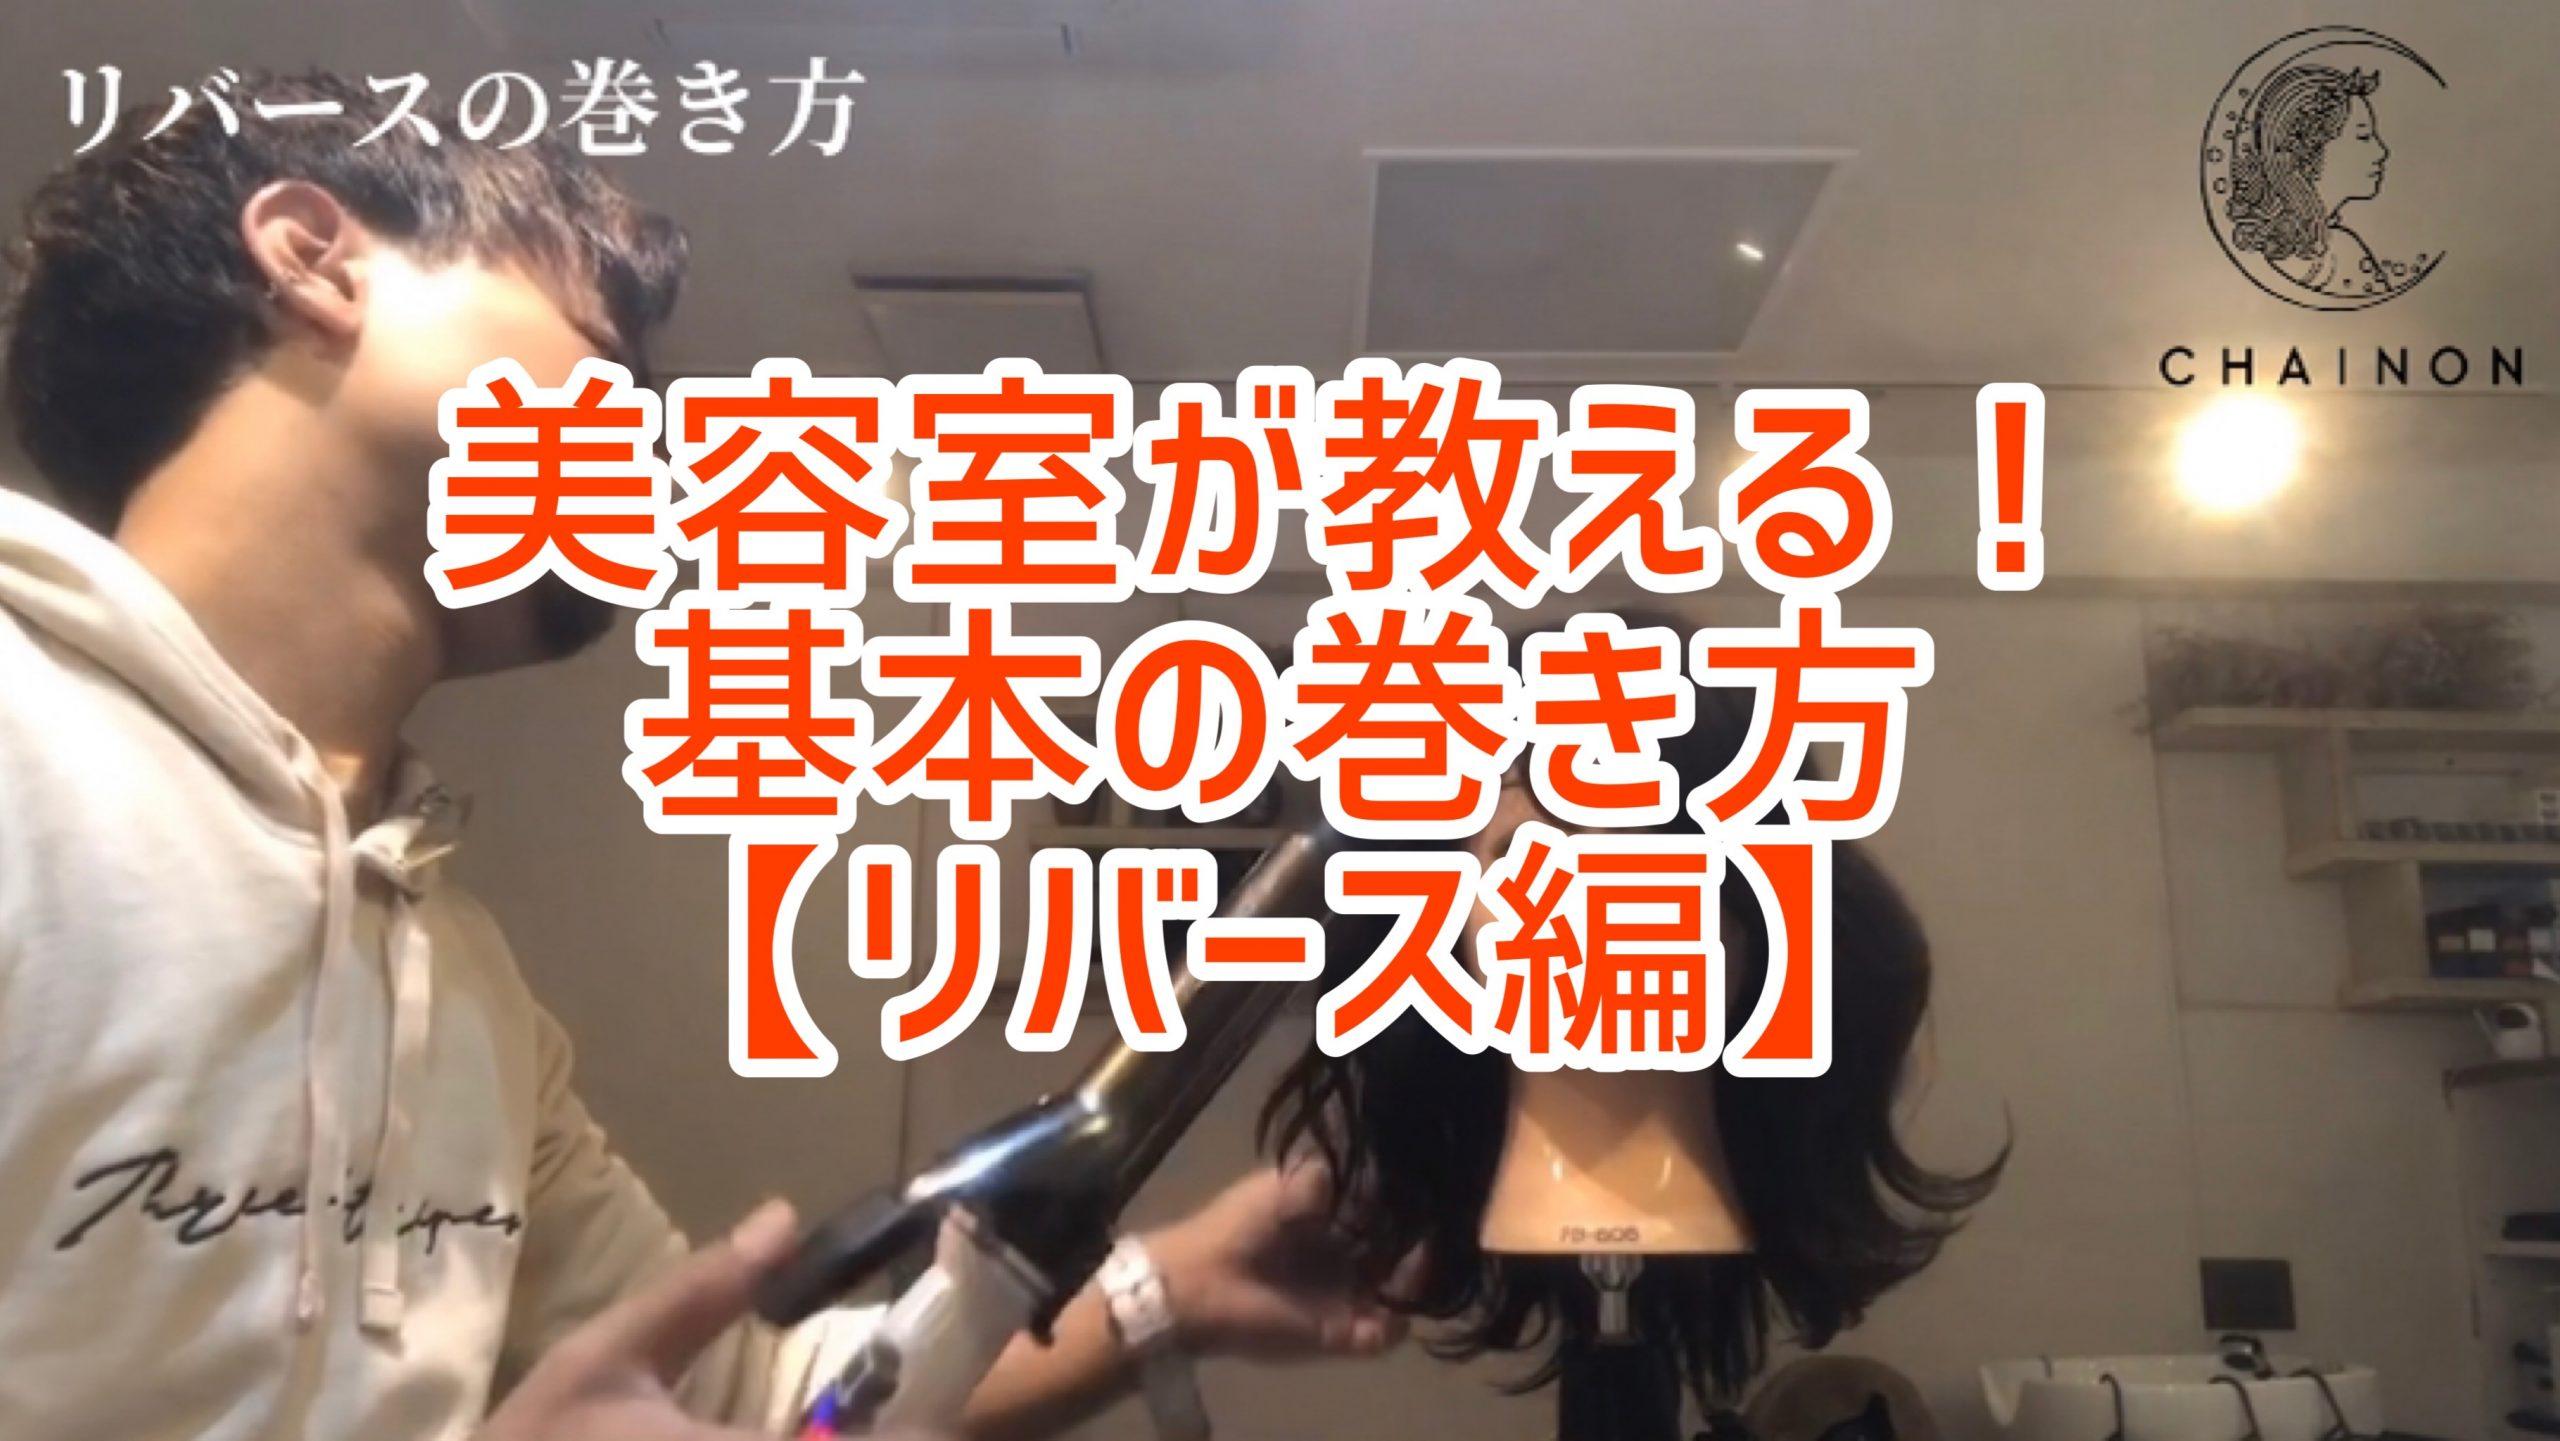 簡単スタイリング動画 Ver.2